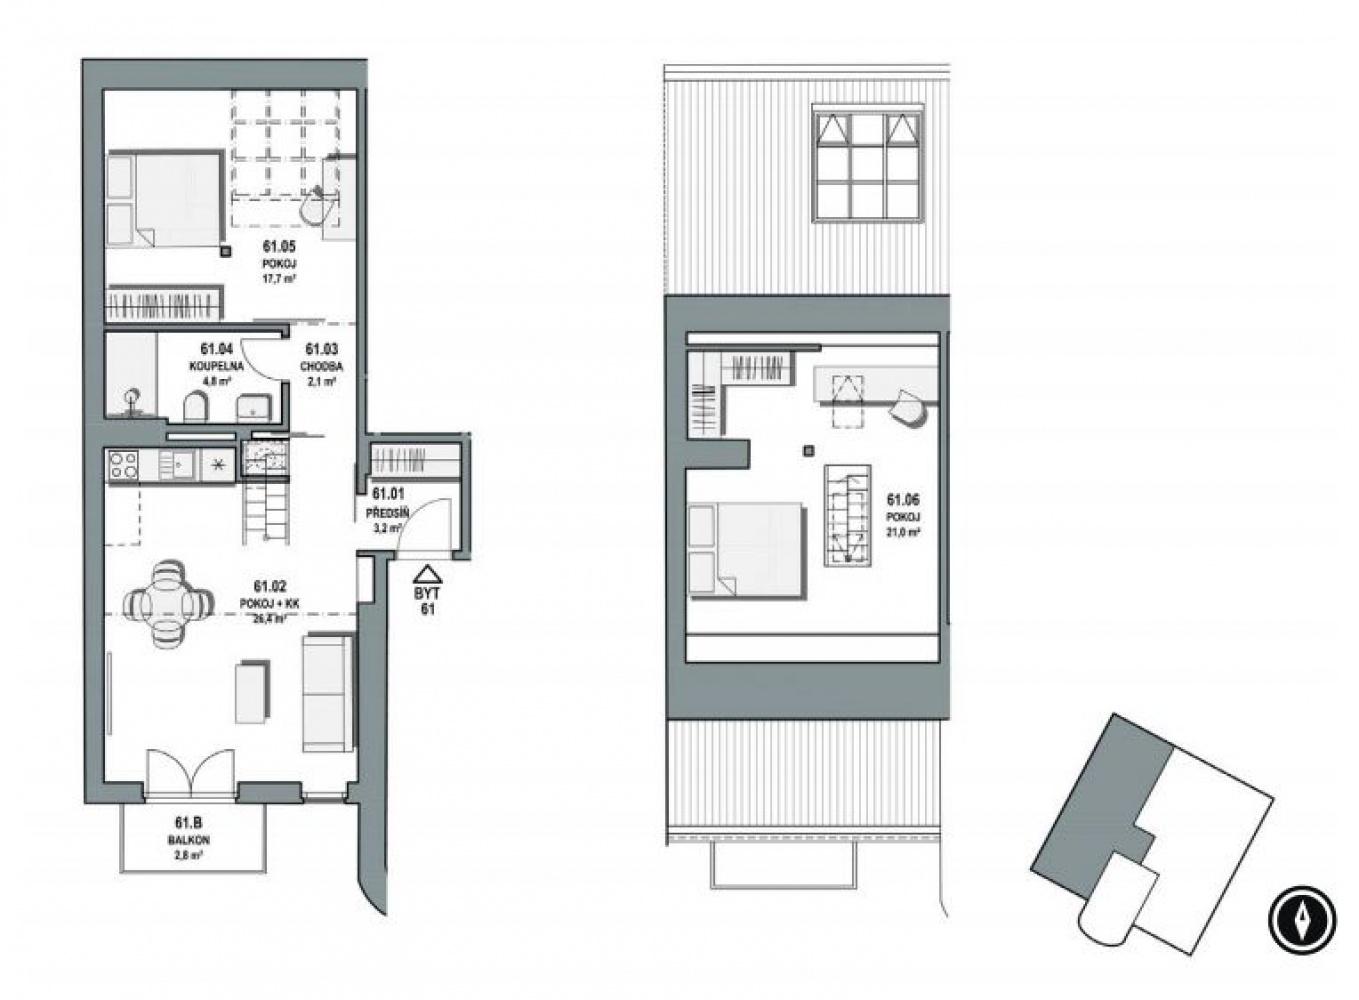 Půdorys - Půdní byt 3+kk, plocha 80 m², ulice Orelská, Praha 10 - Vršovice